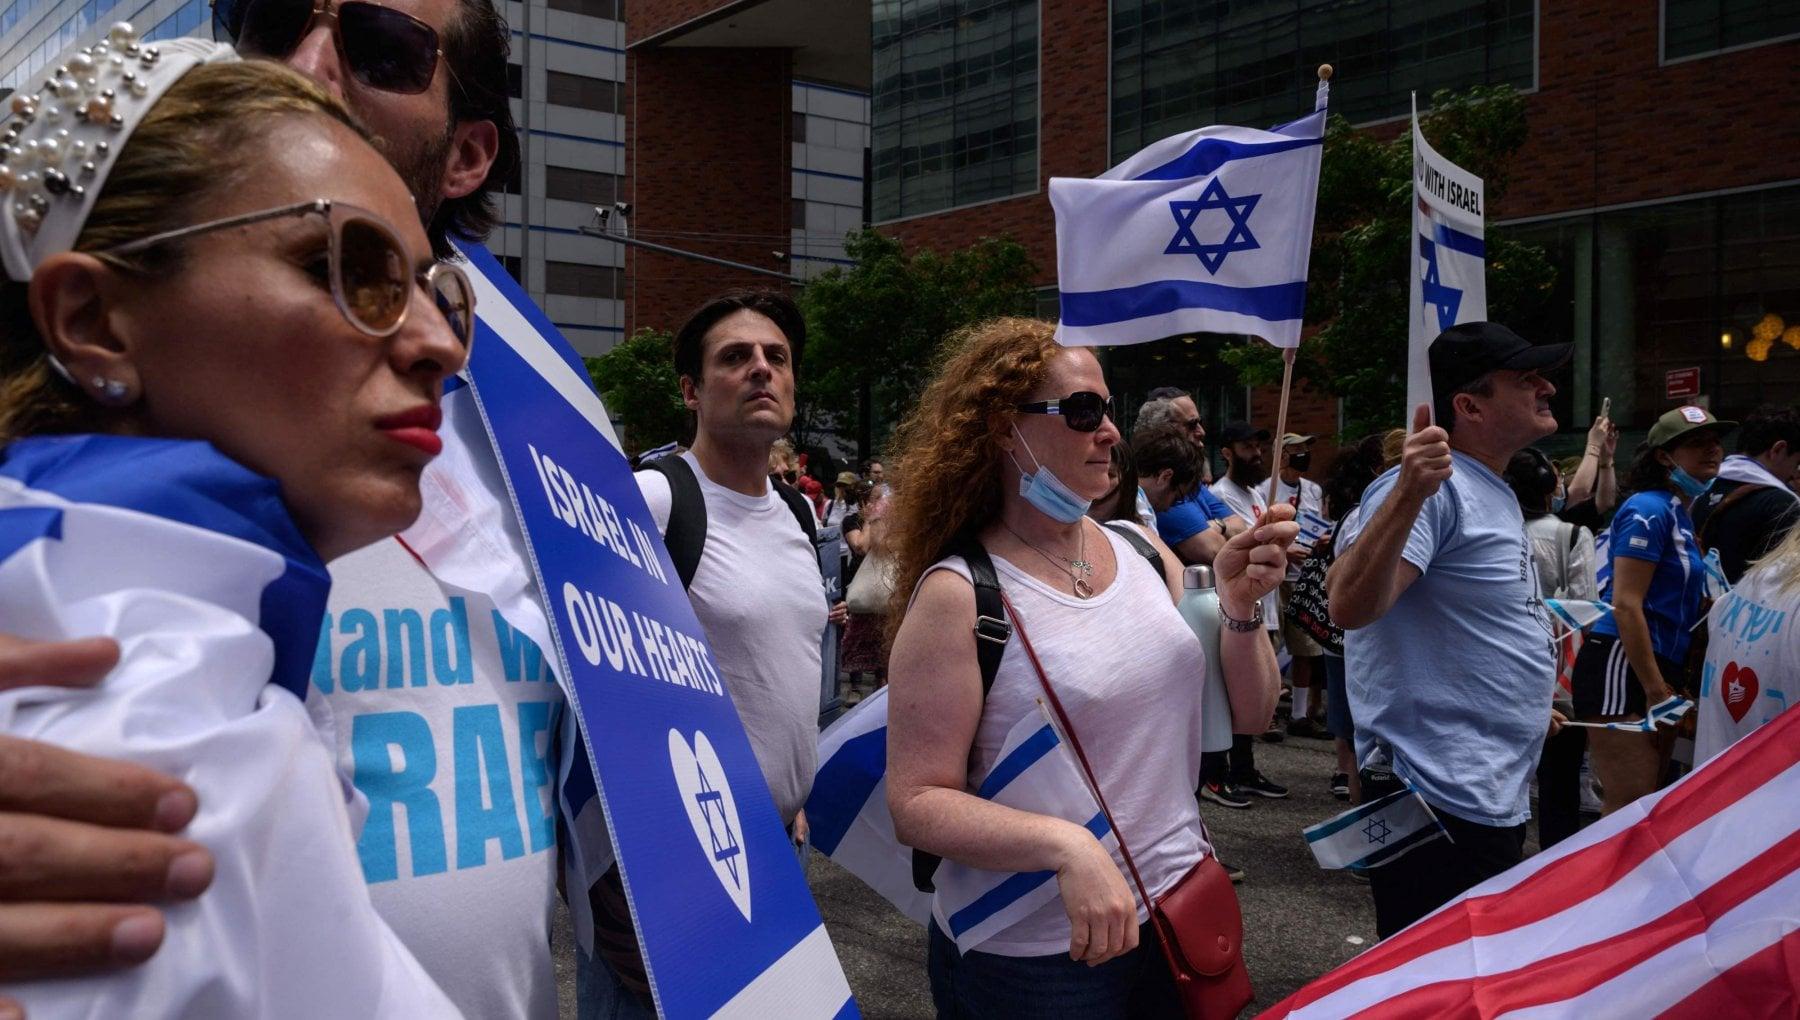 """204747802 b6b89939 ae43 423d 953a c2311dd0a484 - Attacchi antisemiti, allarme negli Usa. Biden: """"Devono cessare"""""""